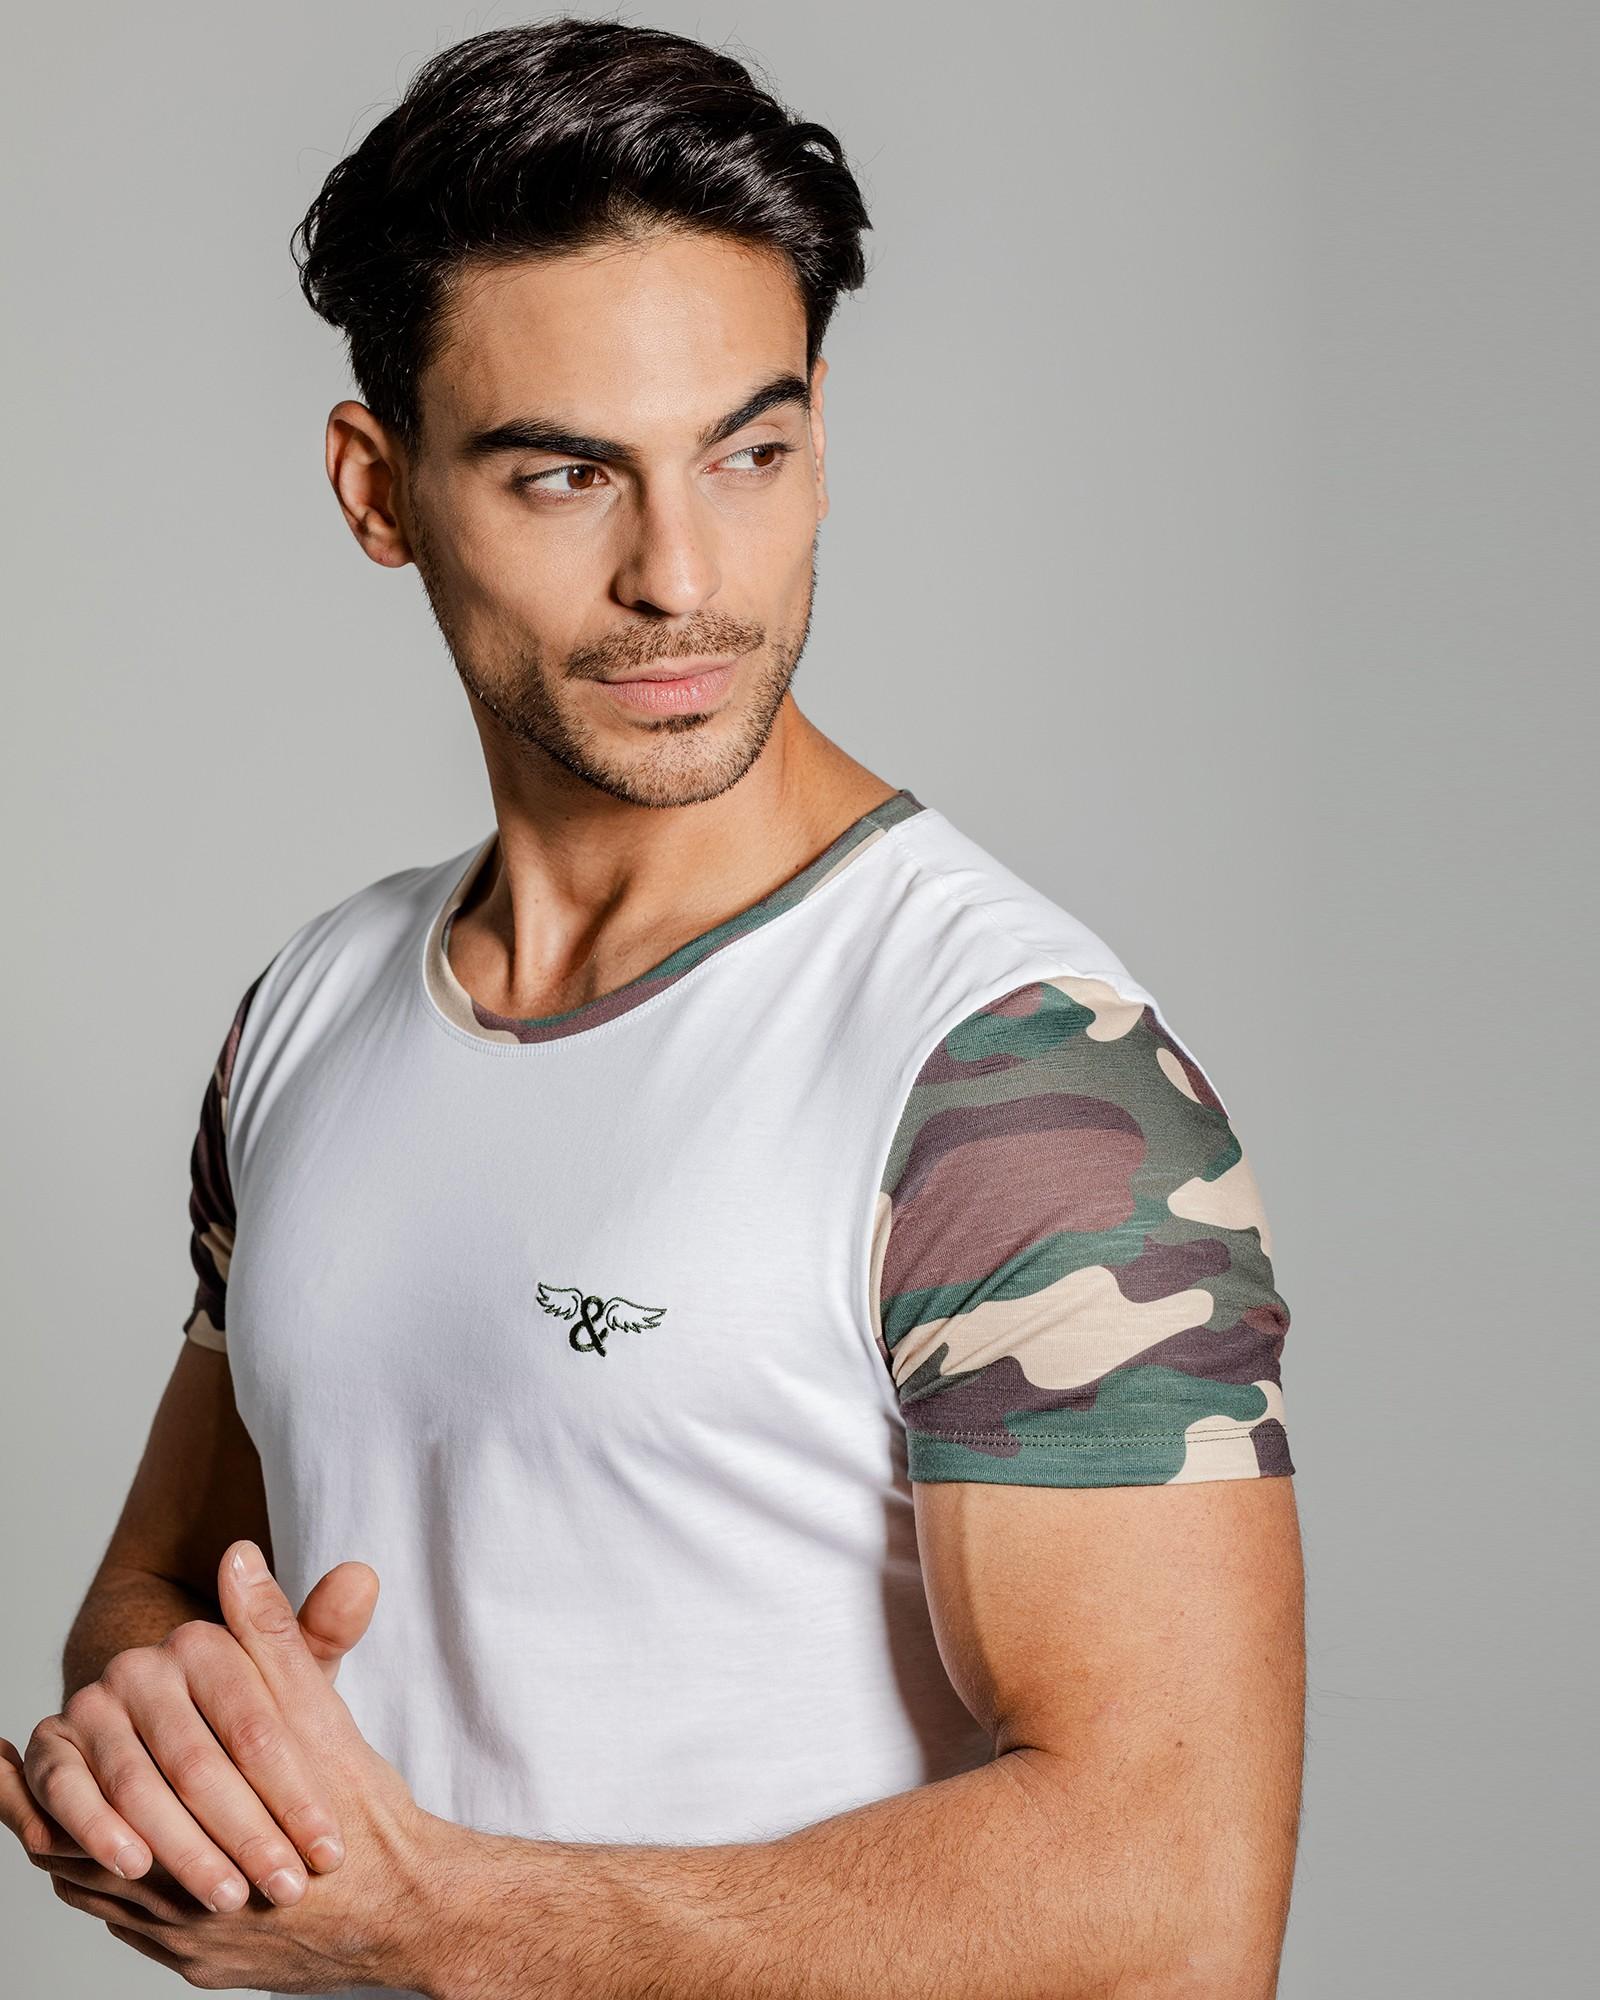 Camiseta estampado camo, cuello redondeado. Estilo urbano ELIU streetwear.